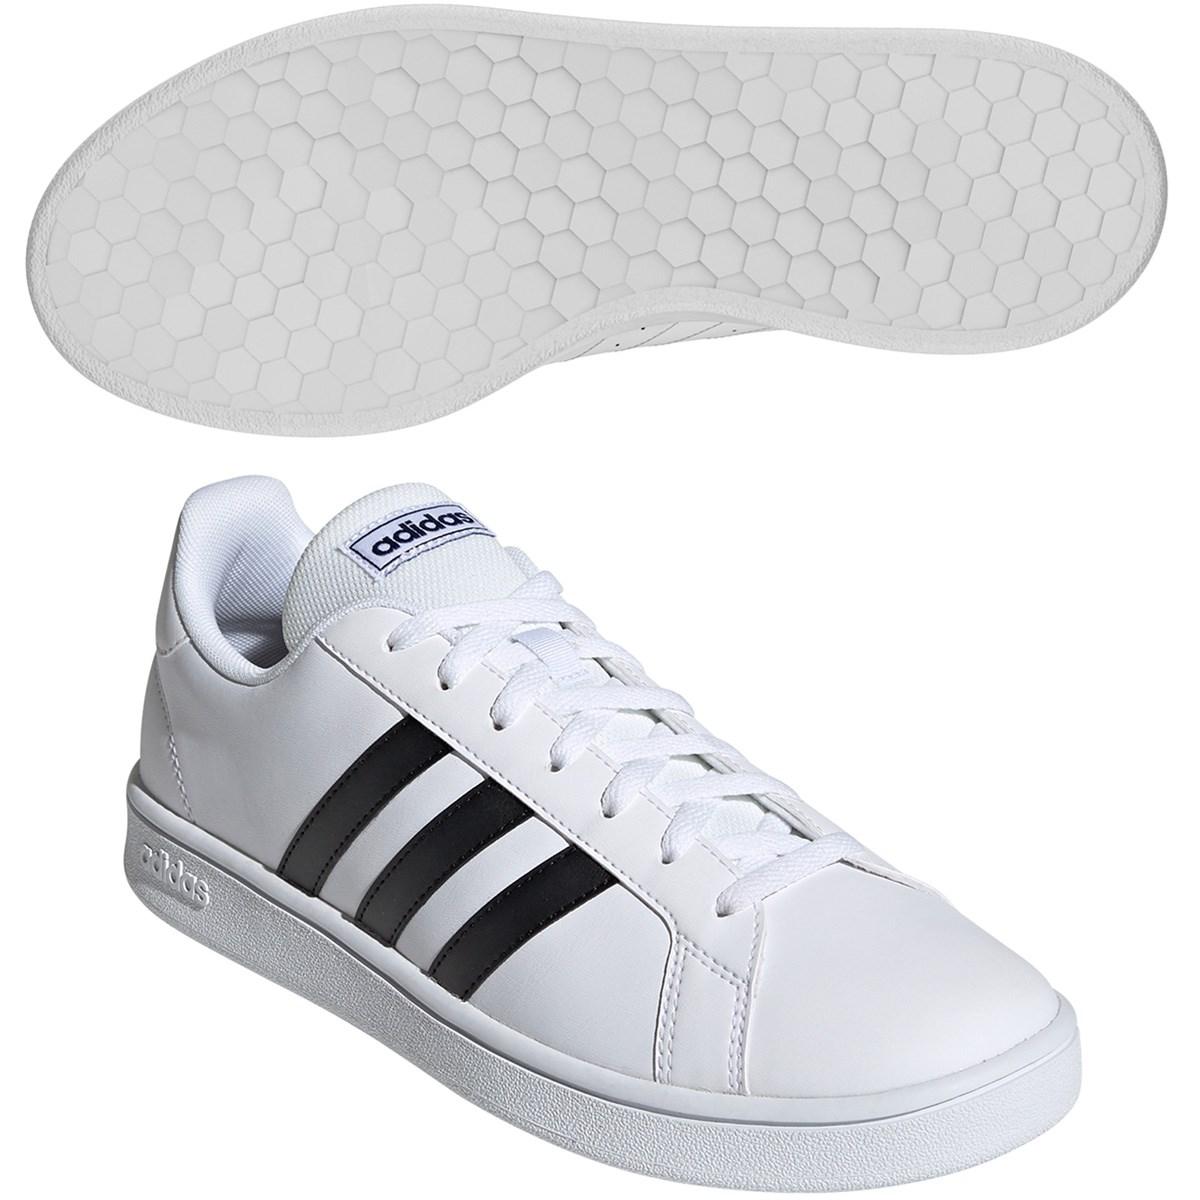 アディダス Adidas GRANDCOURT BASE シューズ 27cm ランニングホワイト/コアブラック/ダークブルー